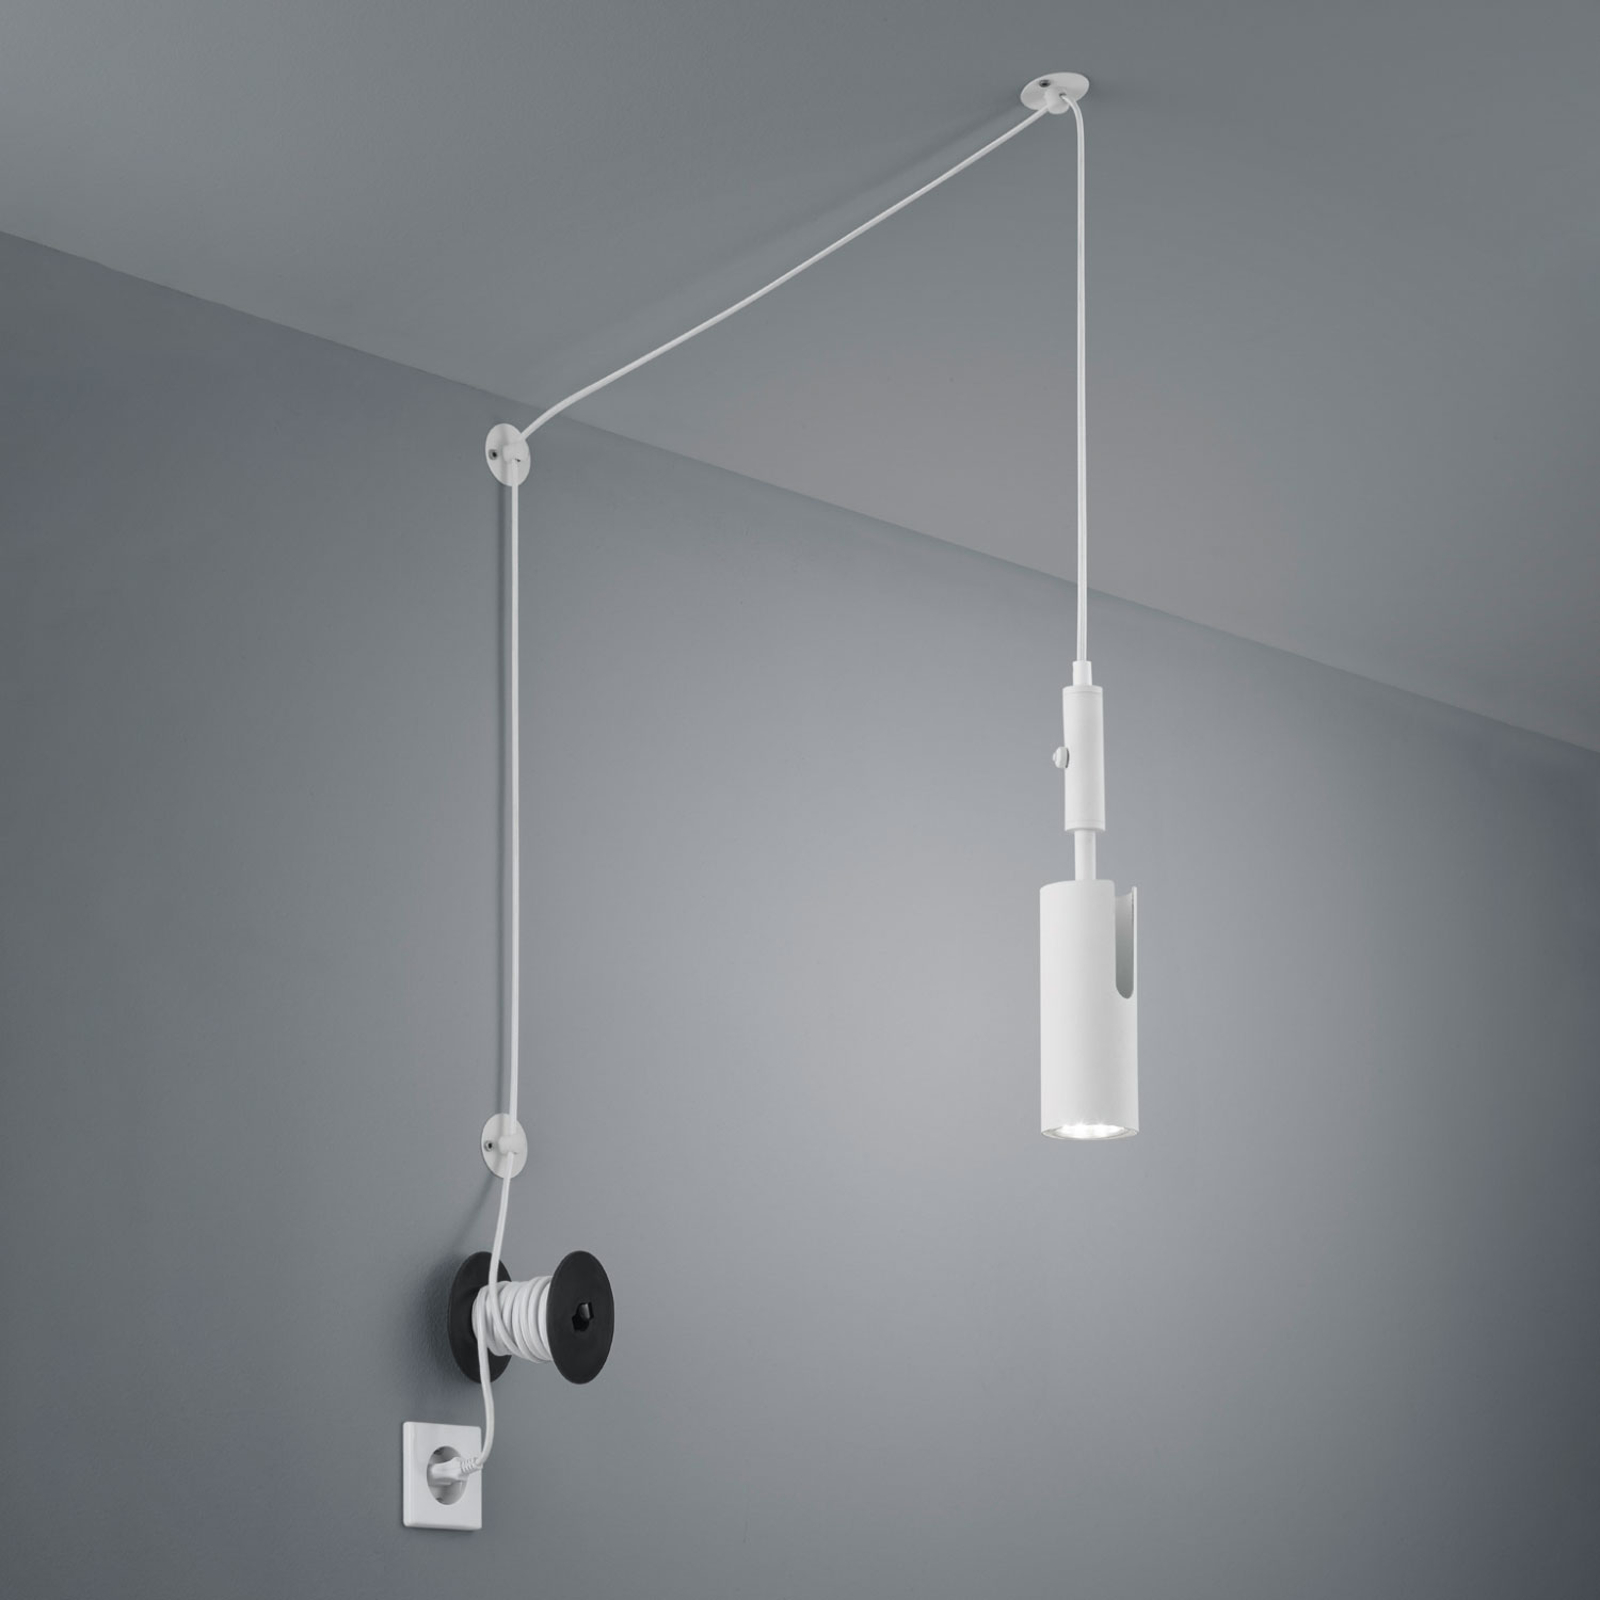 Hanglamp Carla decentraal met stekker, wit